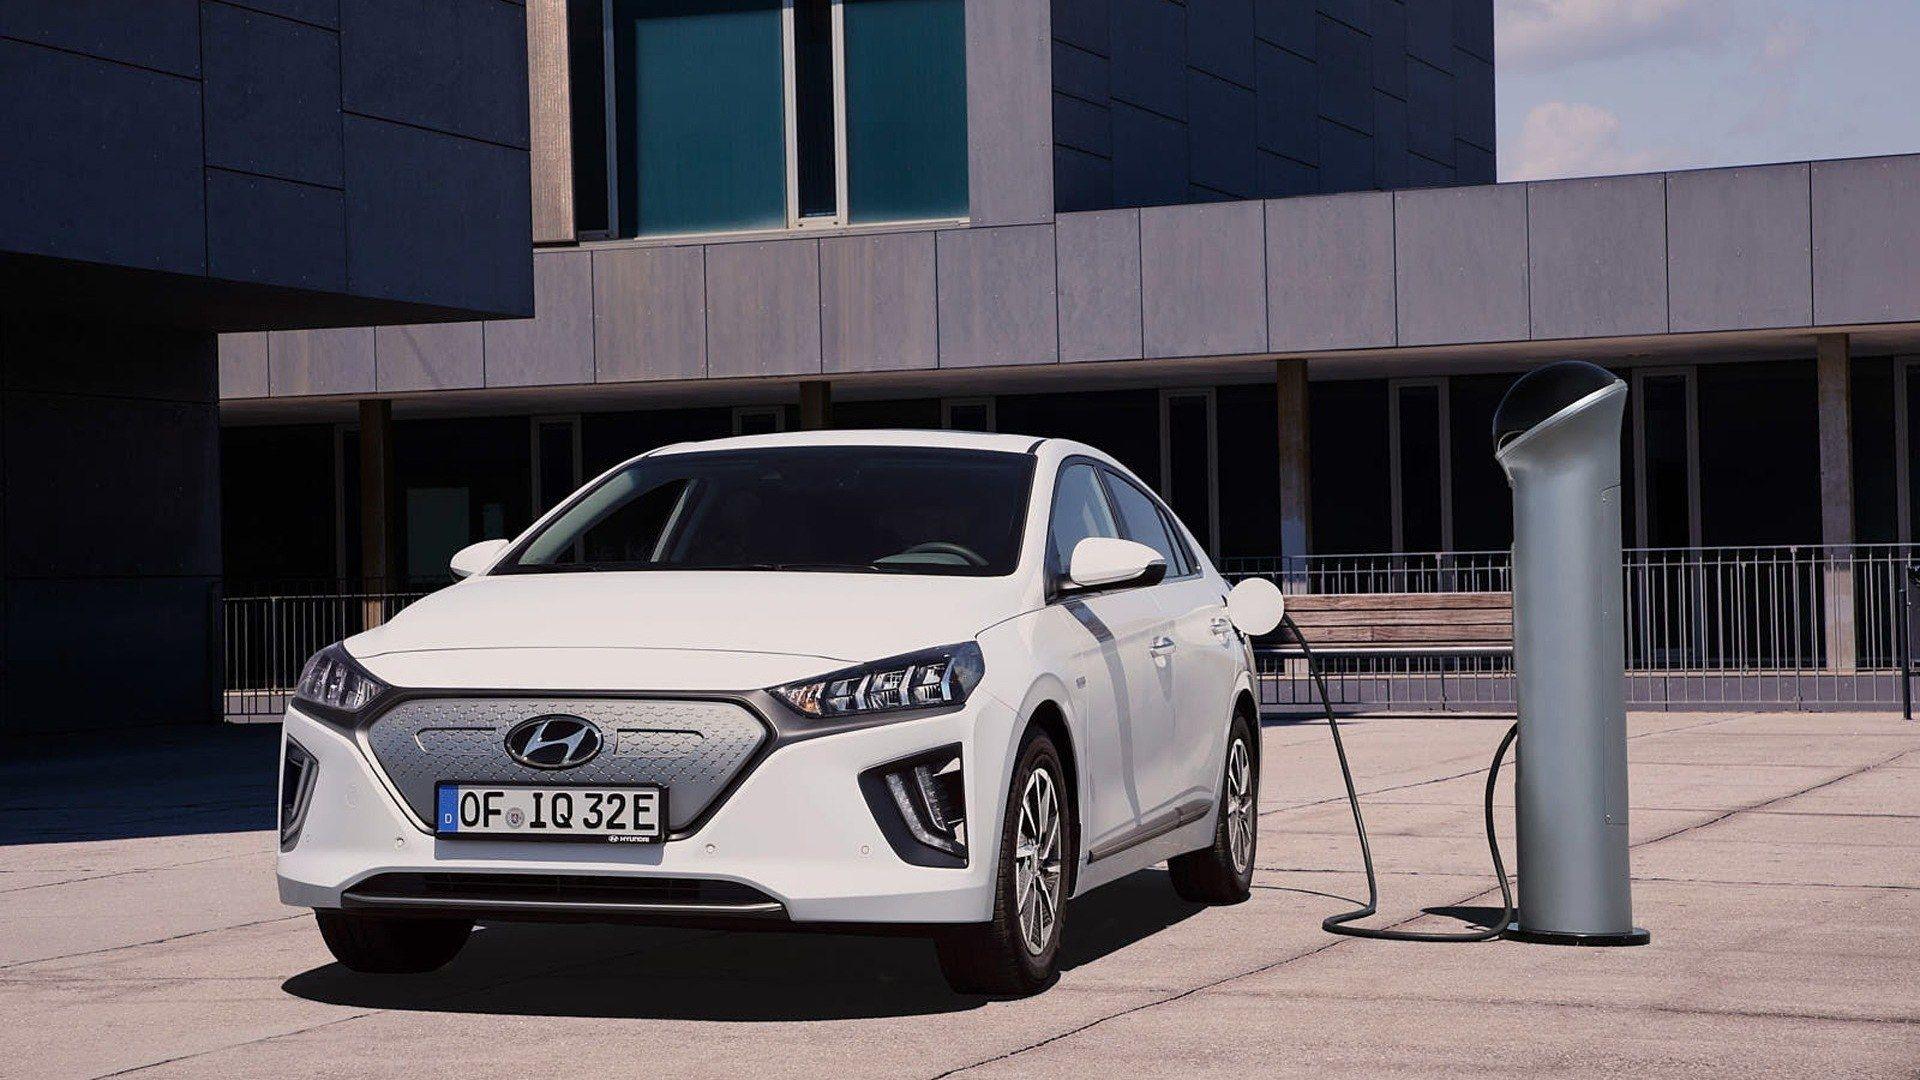 When Will The Hyundai Ioniq 2020 Be Released Hyundai Electric